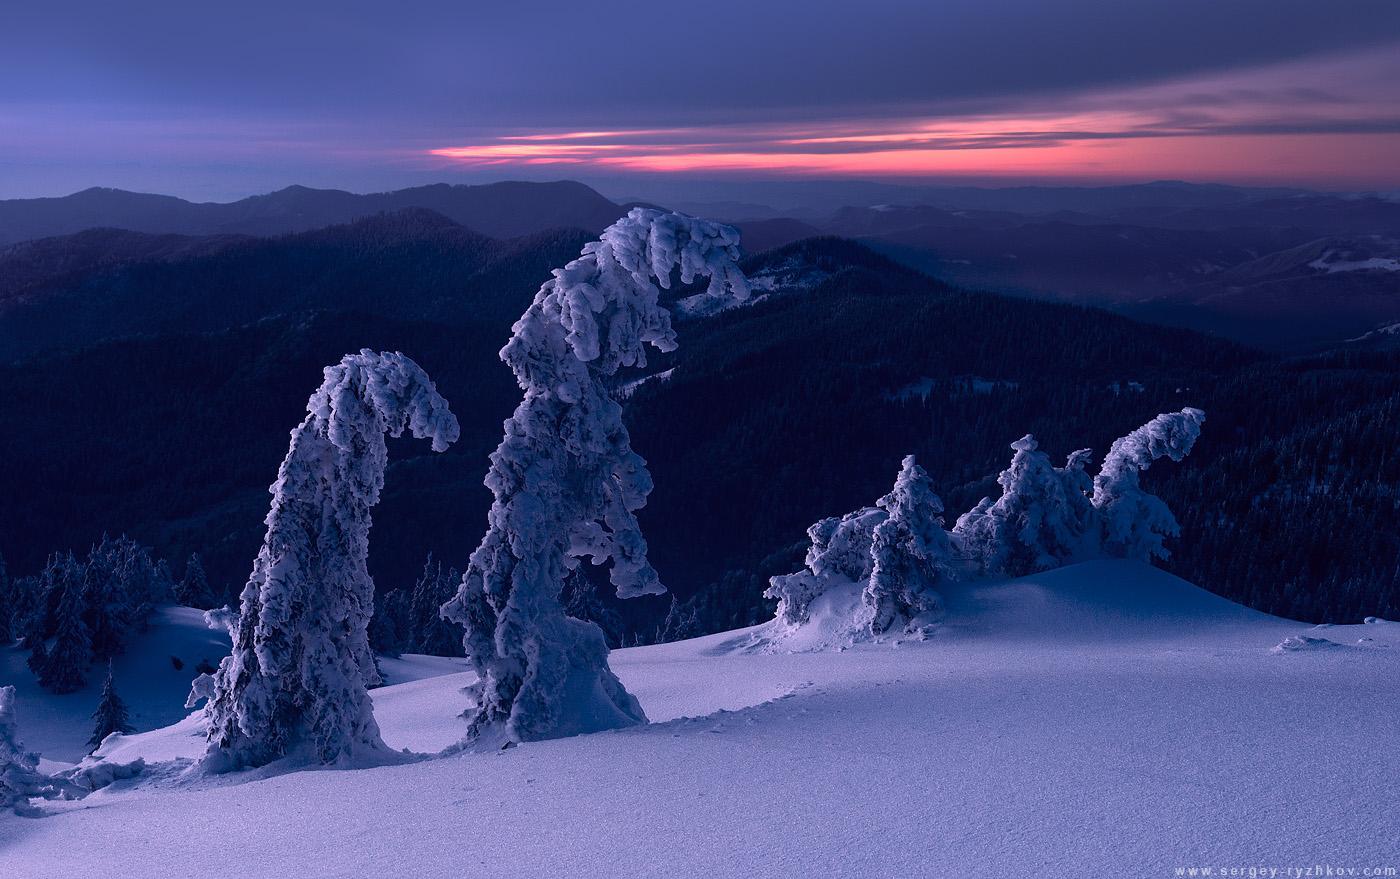 Twilight in Carpathians by Sergey-Ryzhkov